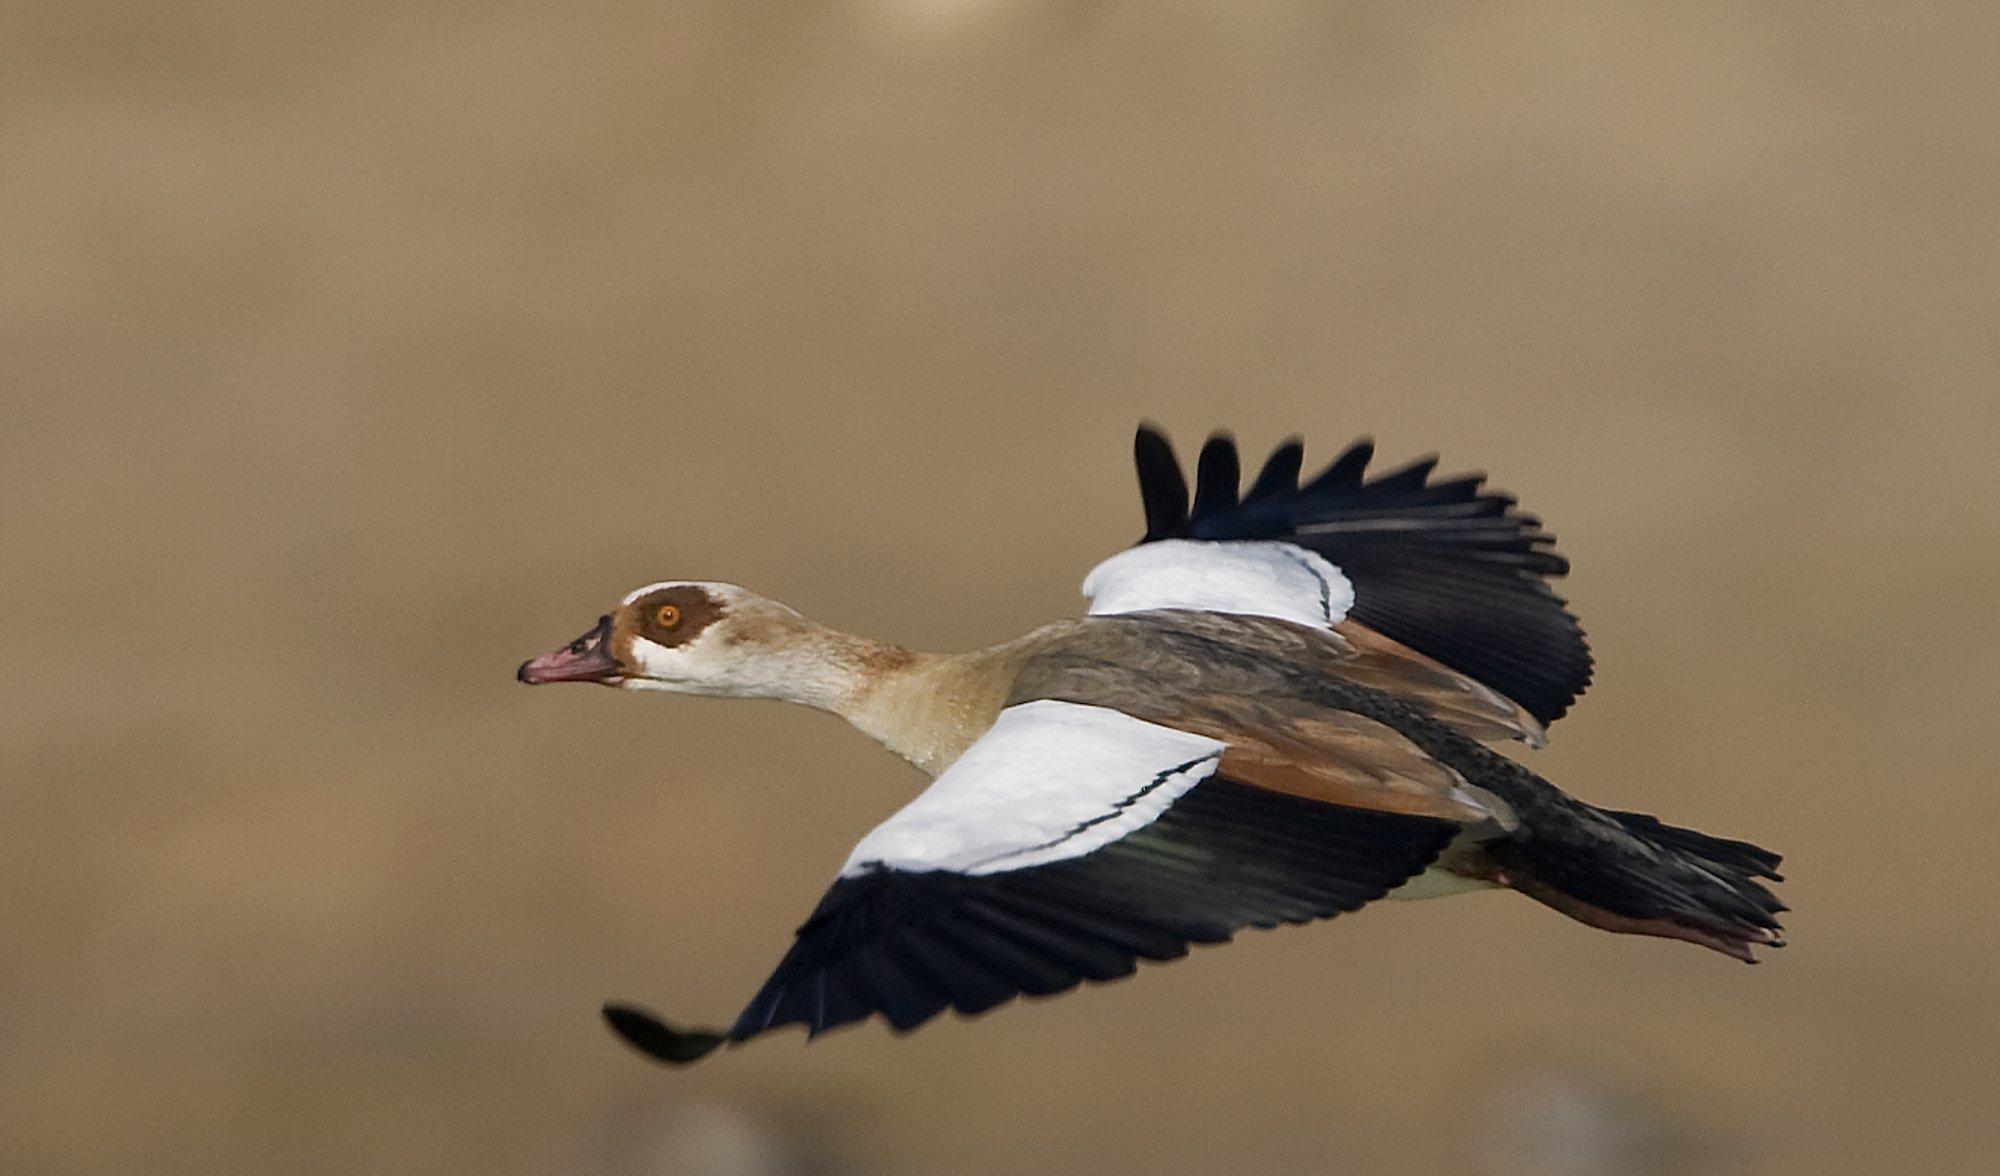 Eine Nilgans im Flug mit ausgebreiteten Flügeln